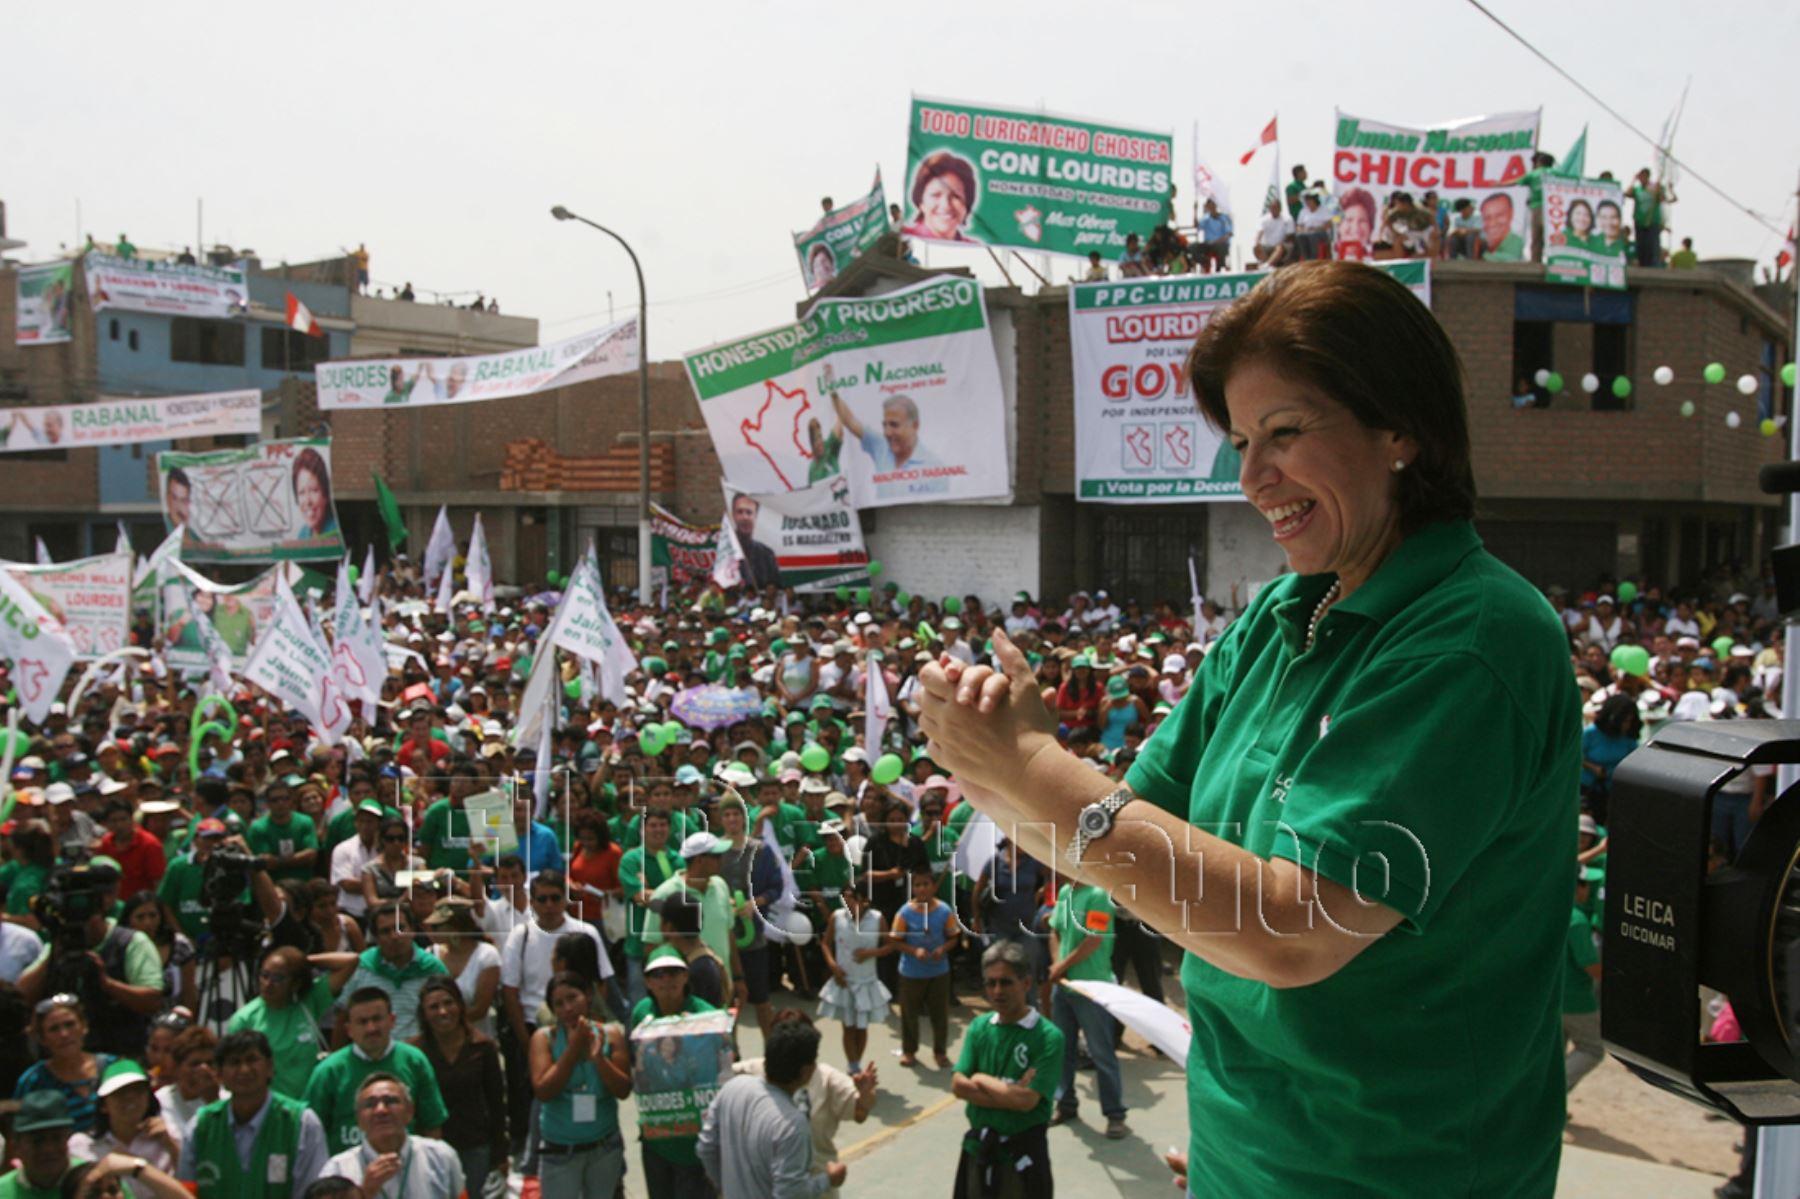 Lourdes Flores Nano excandidata presidencial en dos oportunidades (2001-2006) y una vez a la alcaldía de Lima (2010). Es alta dirigente del Partido Popular Cristiano (PPC).